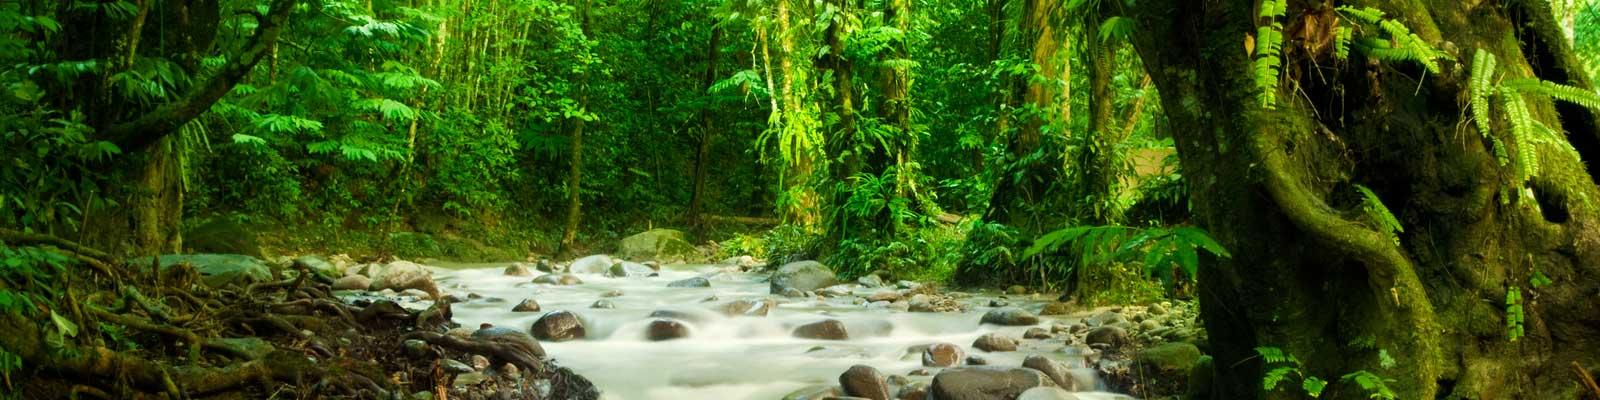 Costa Rica tem Grandes Cachoeiras Criadas Pelos Grandes Vulcões que Rodeão o País. Residencial, Comercial, Terrenos. A venda, ou para Alugar.